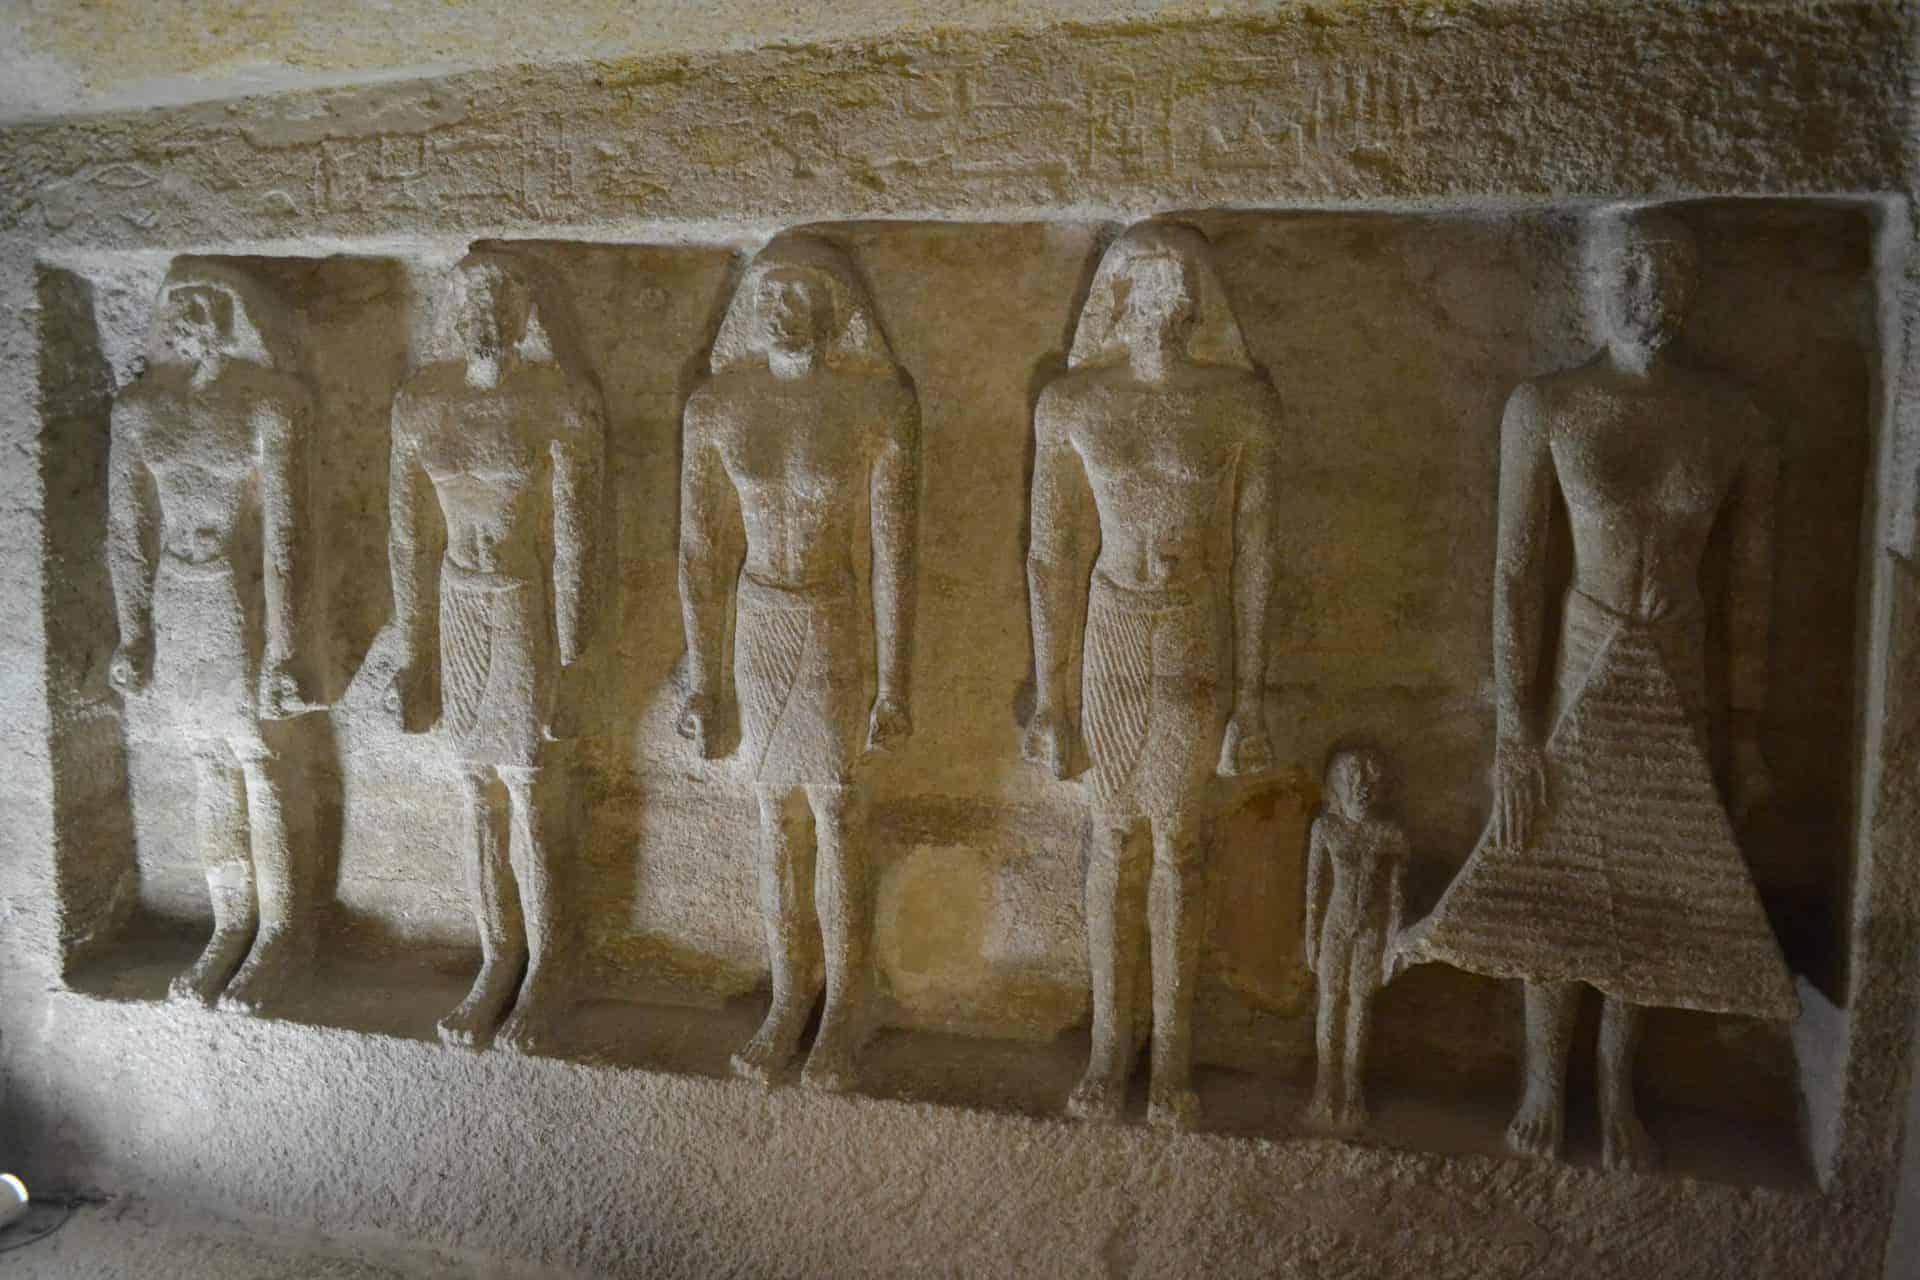 pyramidsofgiza_Giza Tour Point 9 Photo